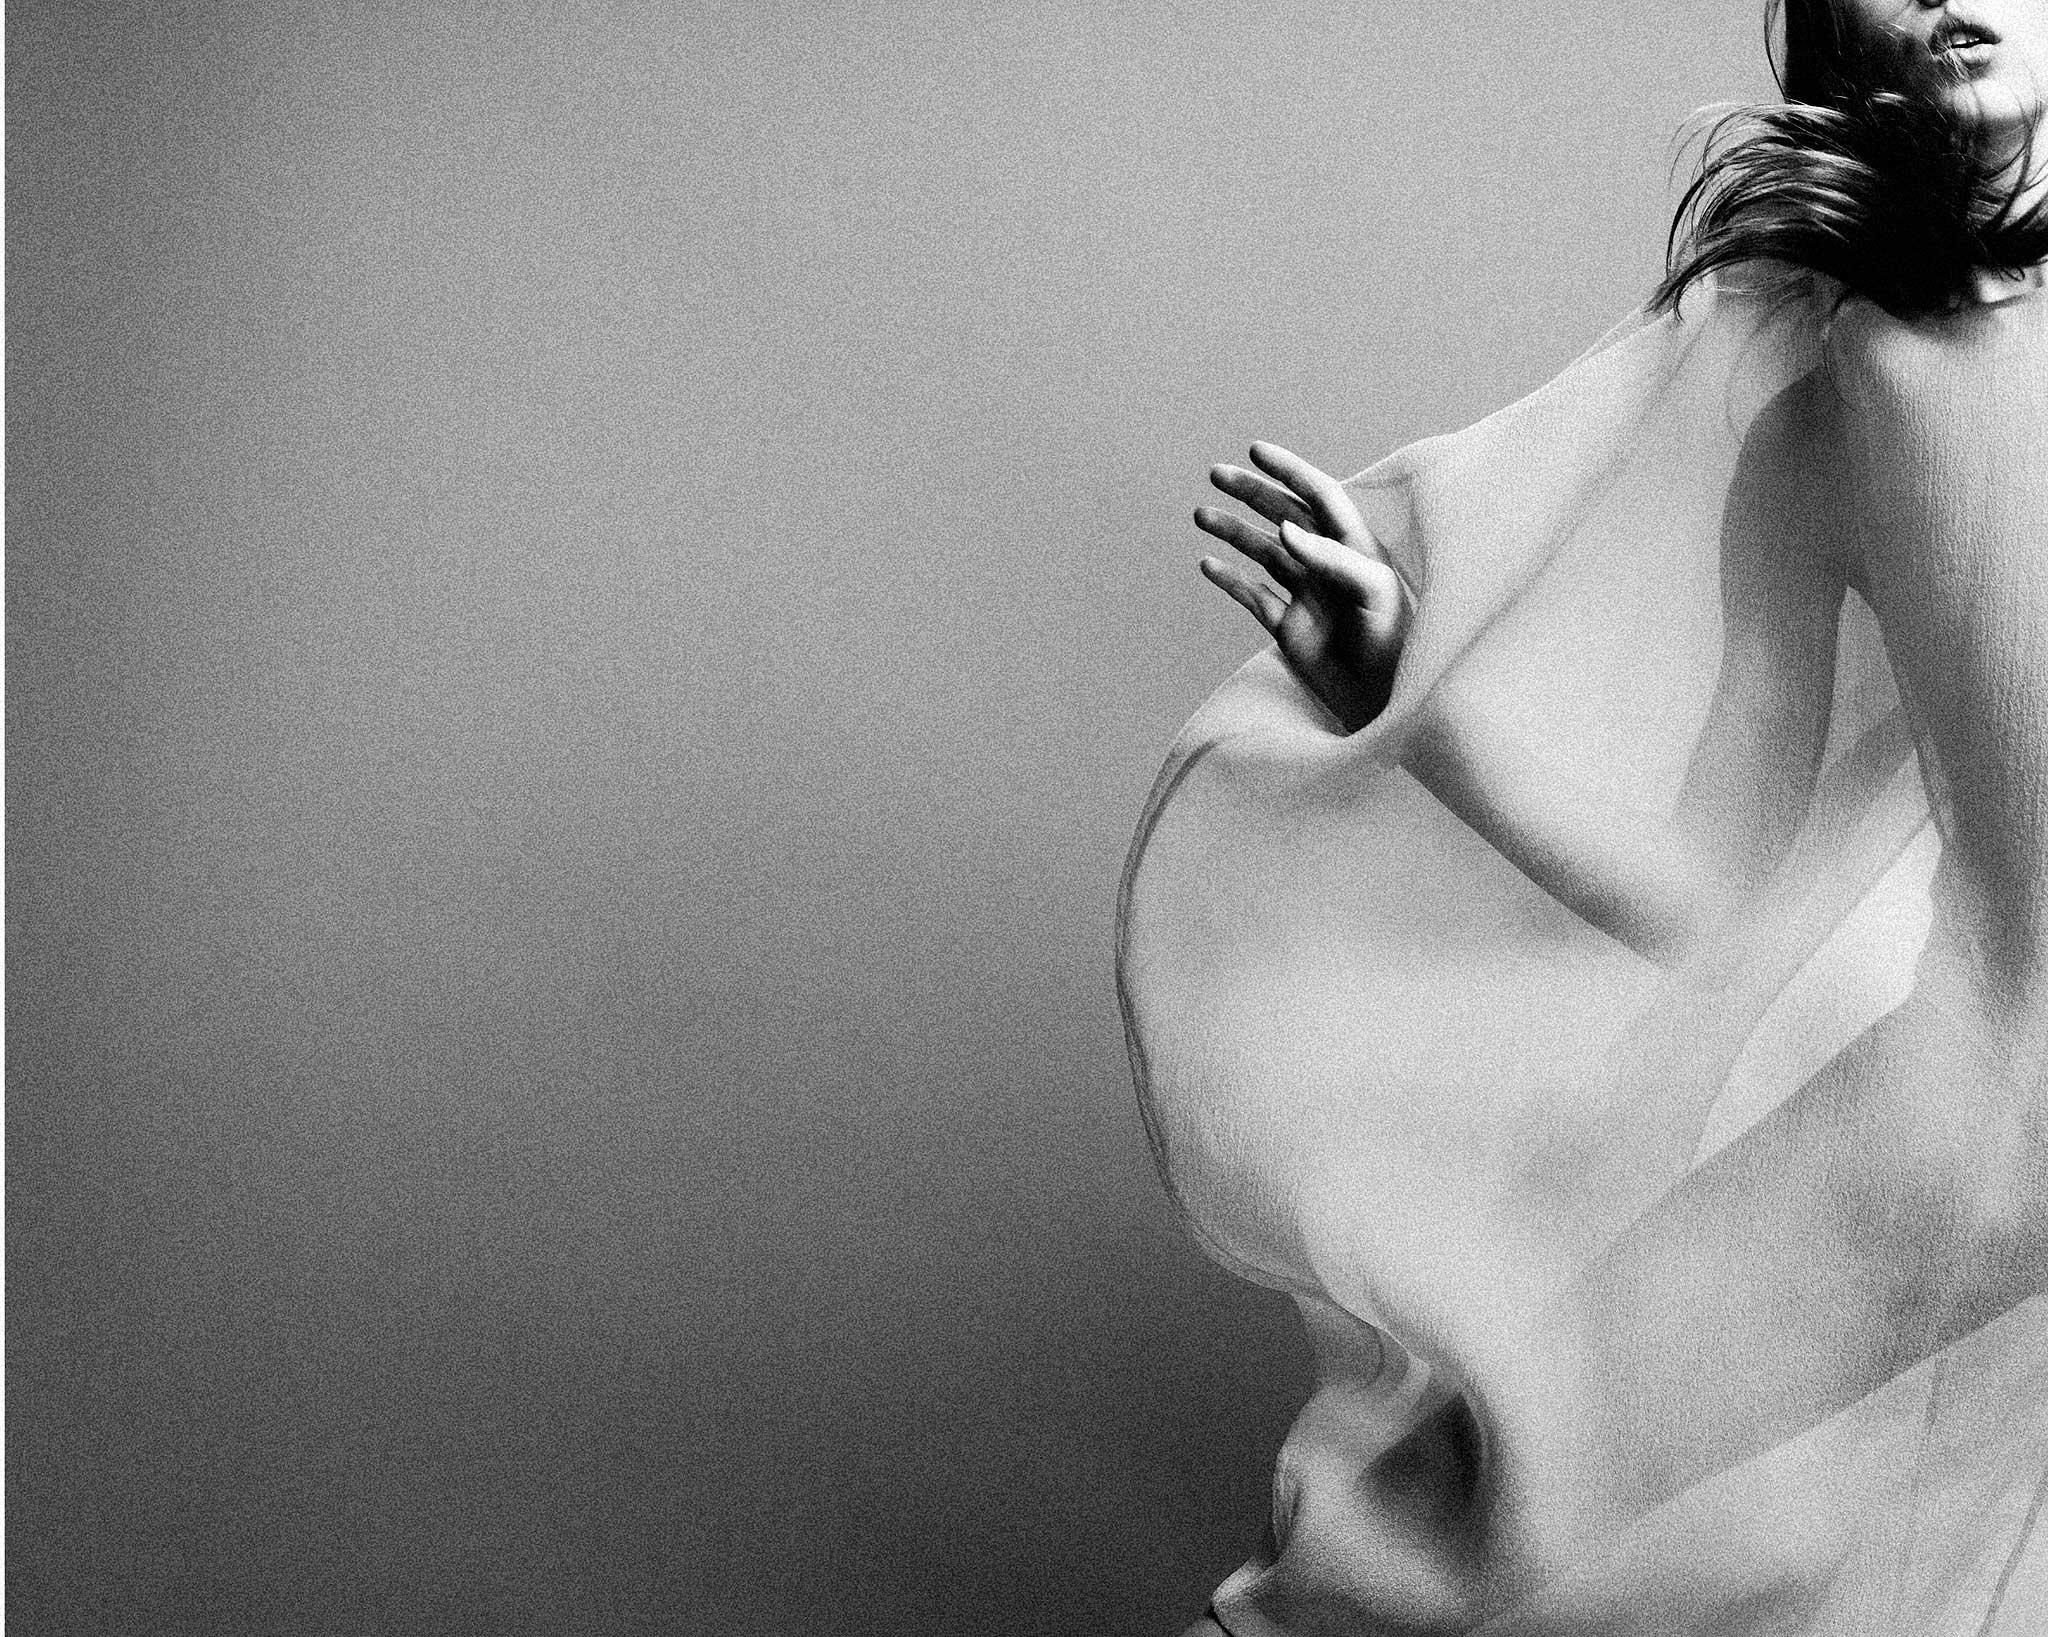 Der renommierte Editorial-Fotograf Gregor Hohenberg – er arbeitet u.a. für Vogue, Elle, GQ oder Achtung – wird die Siegerkollektionen des European Fashion Awards FASH 2011 fotografieren.